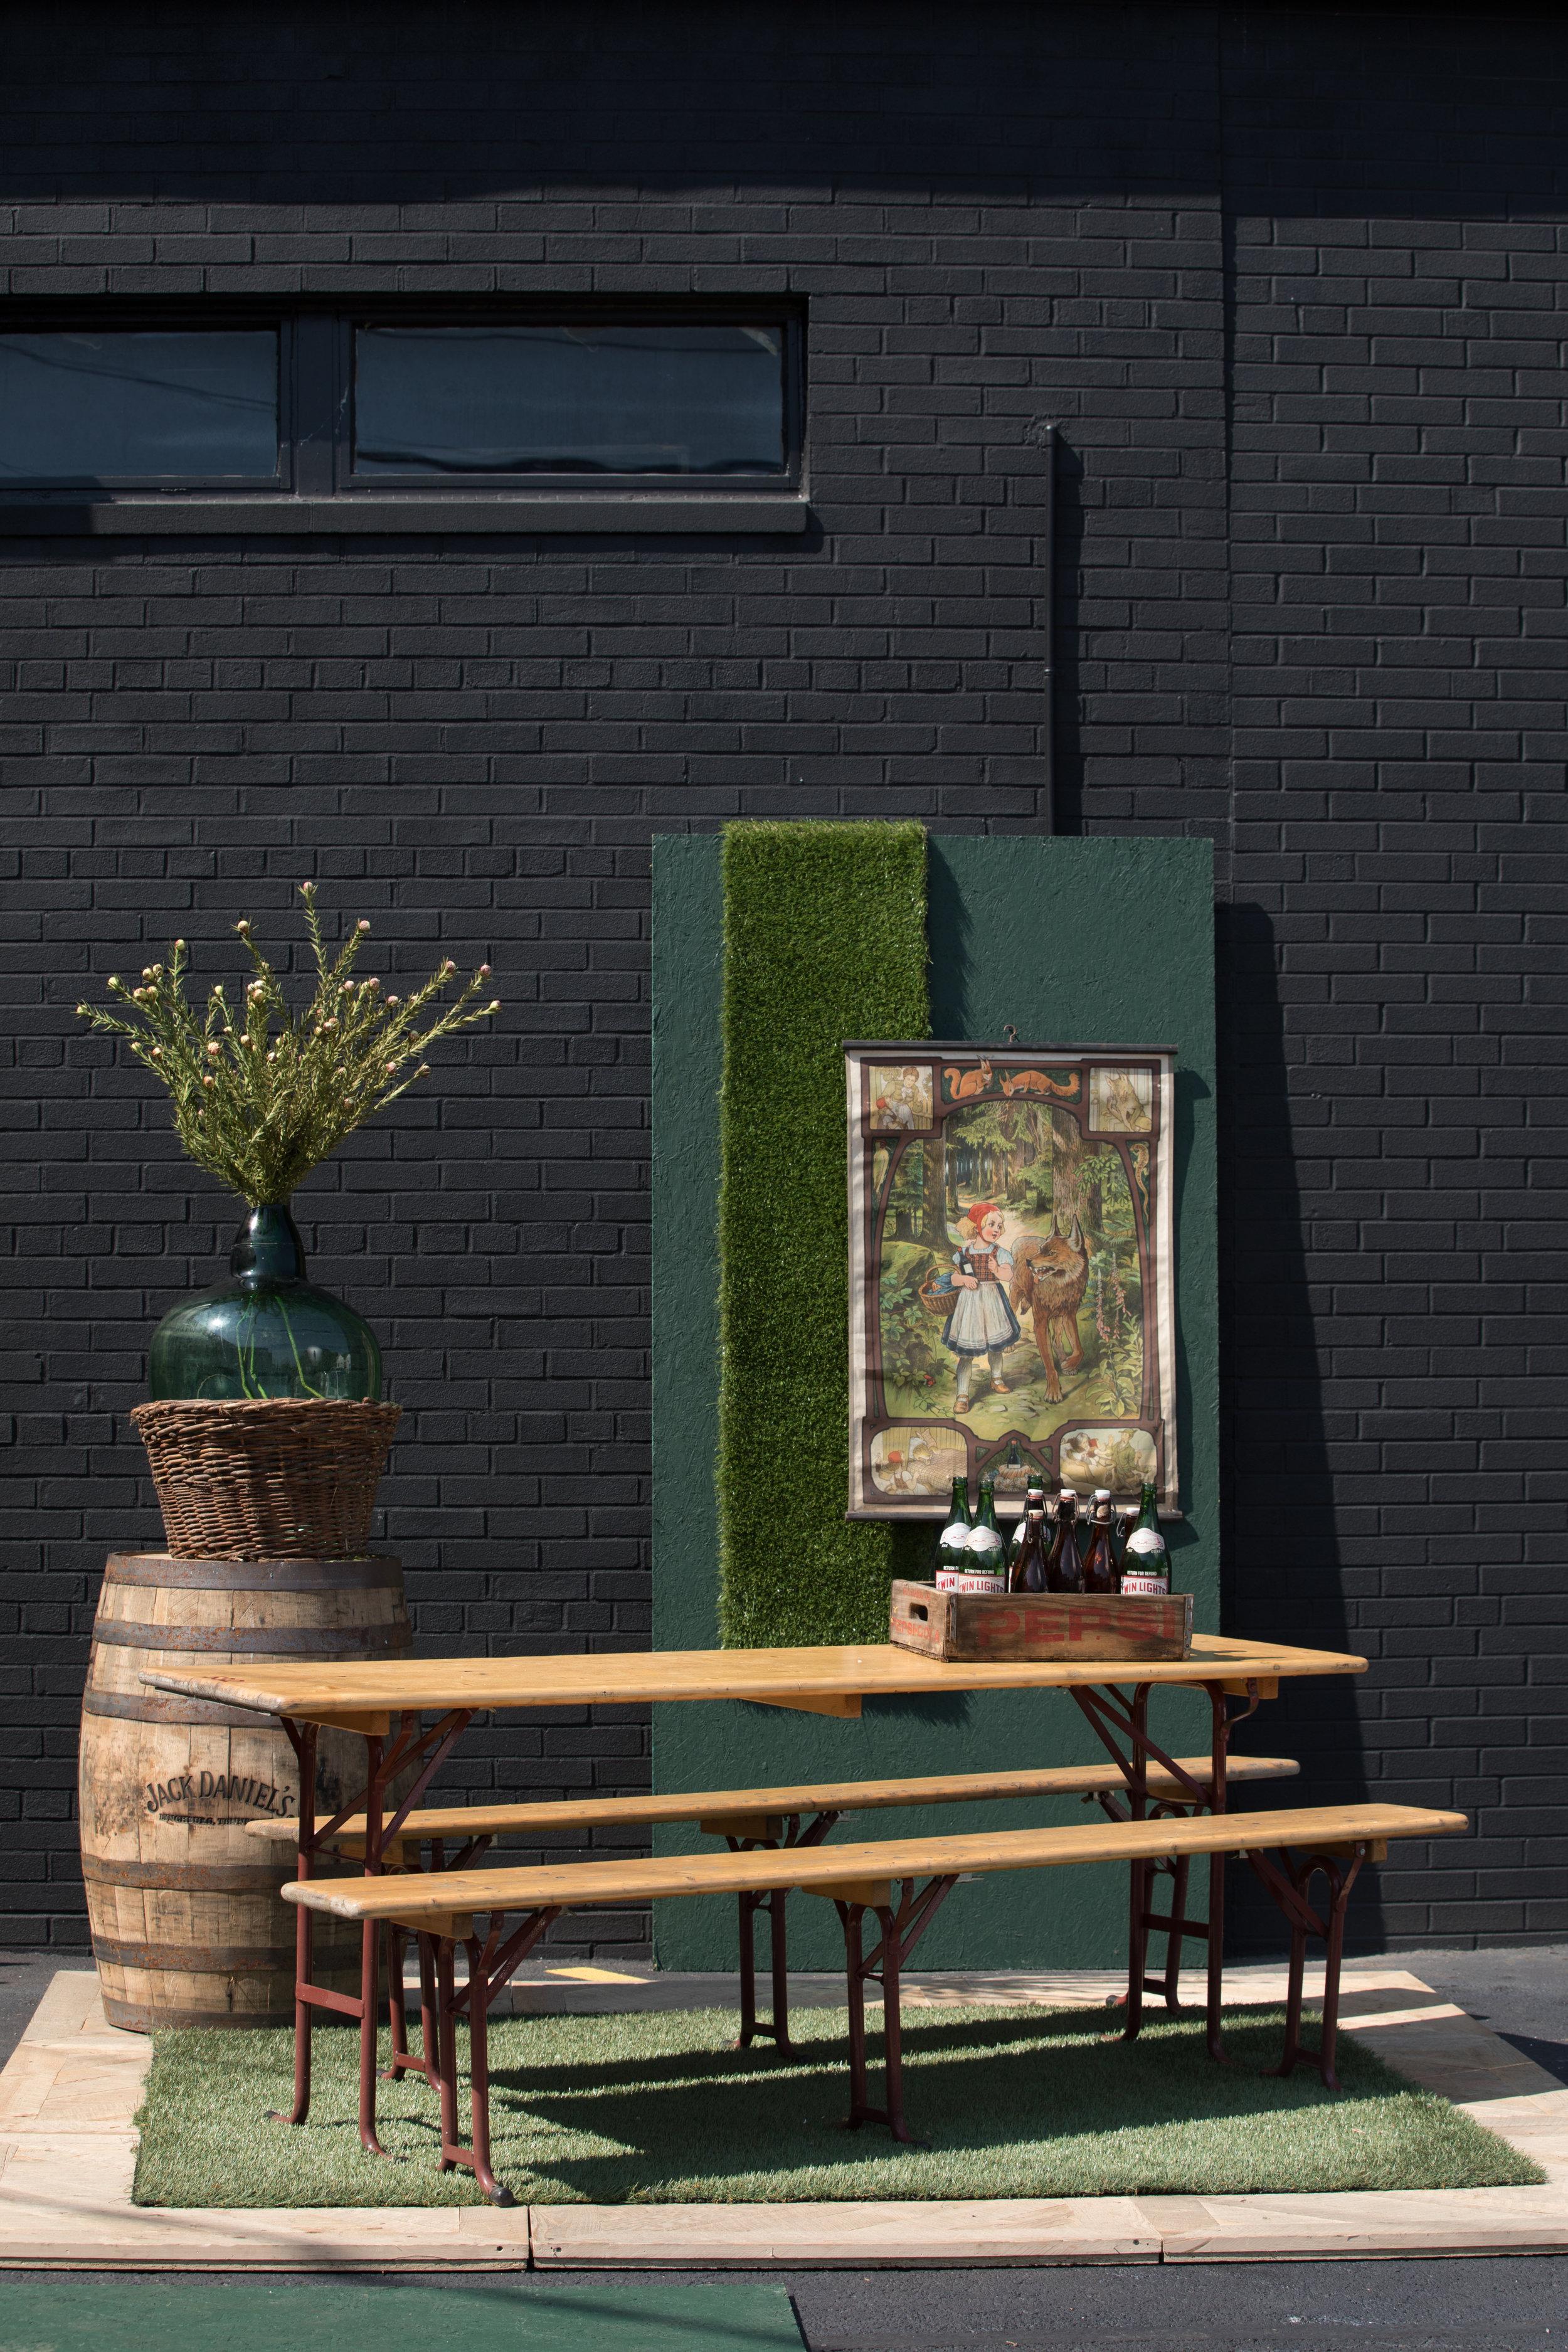 Beer Garden Outdoor Table Set $299